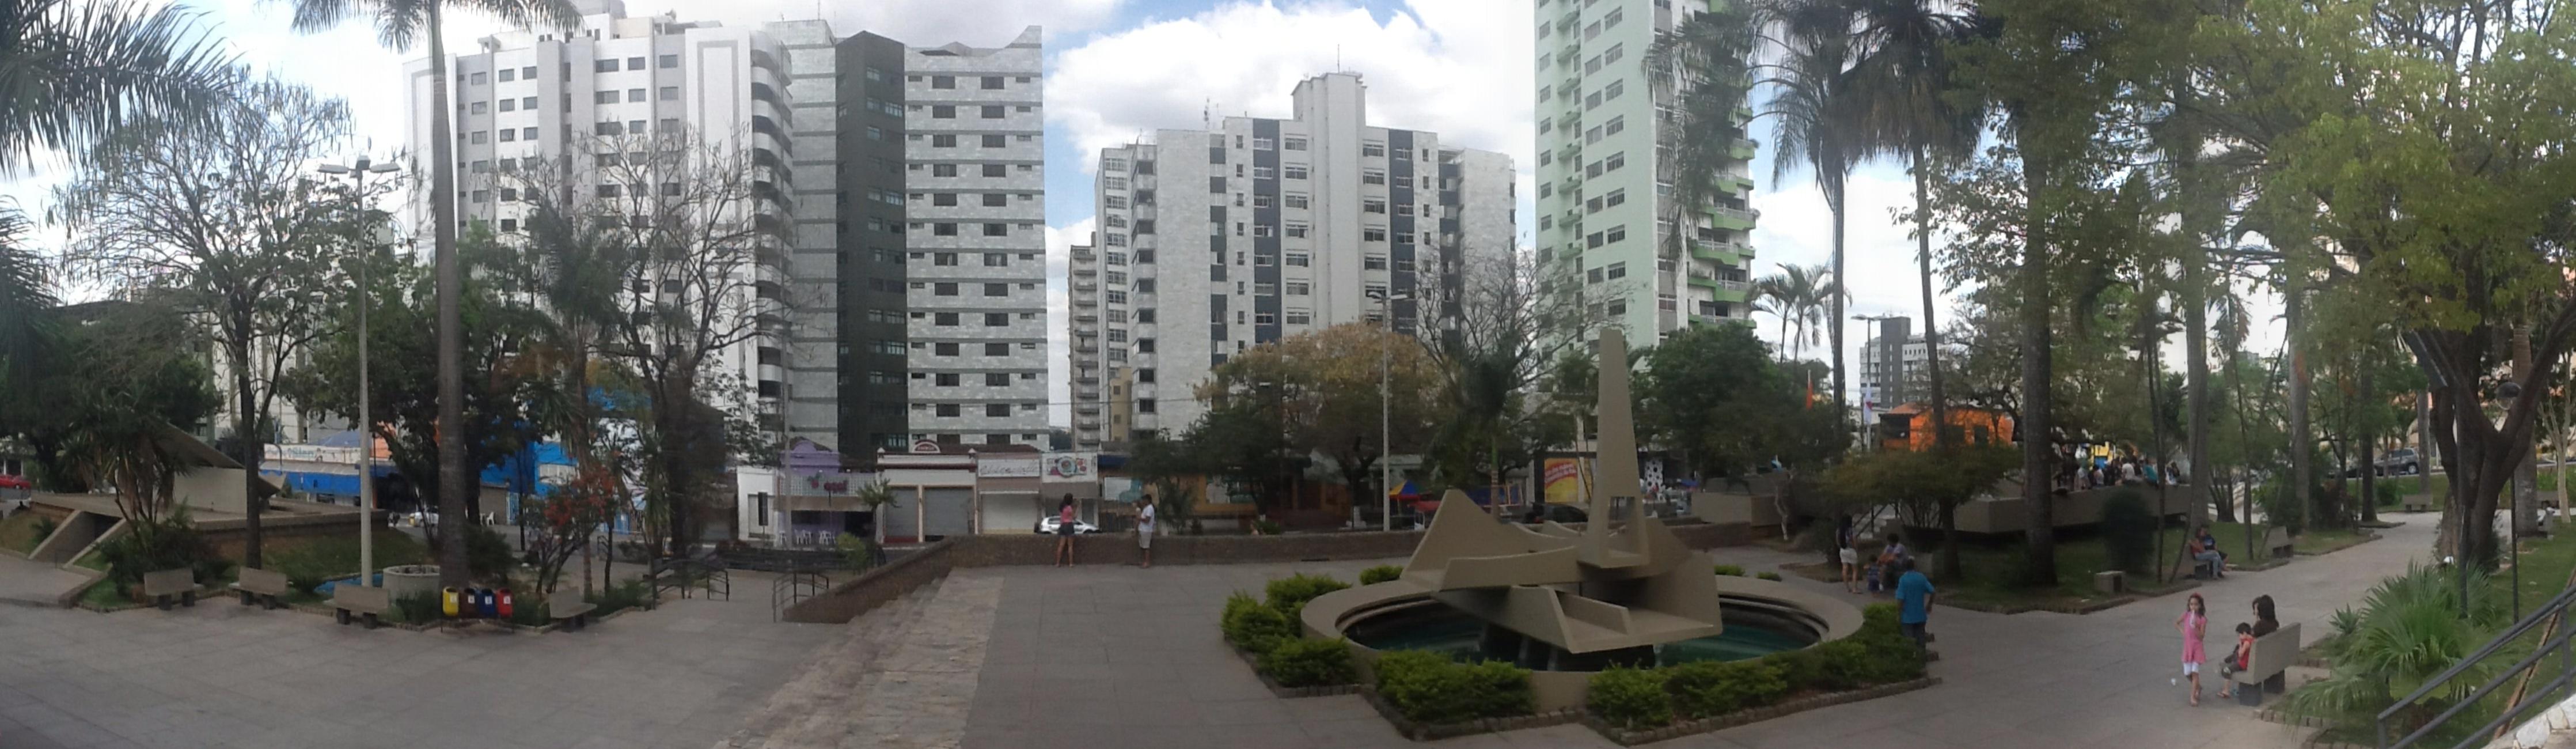 Ficheiro:Praça do Santuário - Divinópolis MG - panoramio.jpg